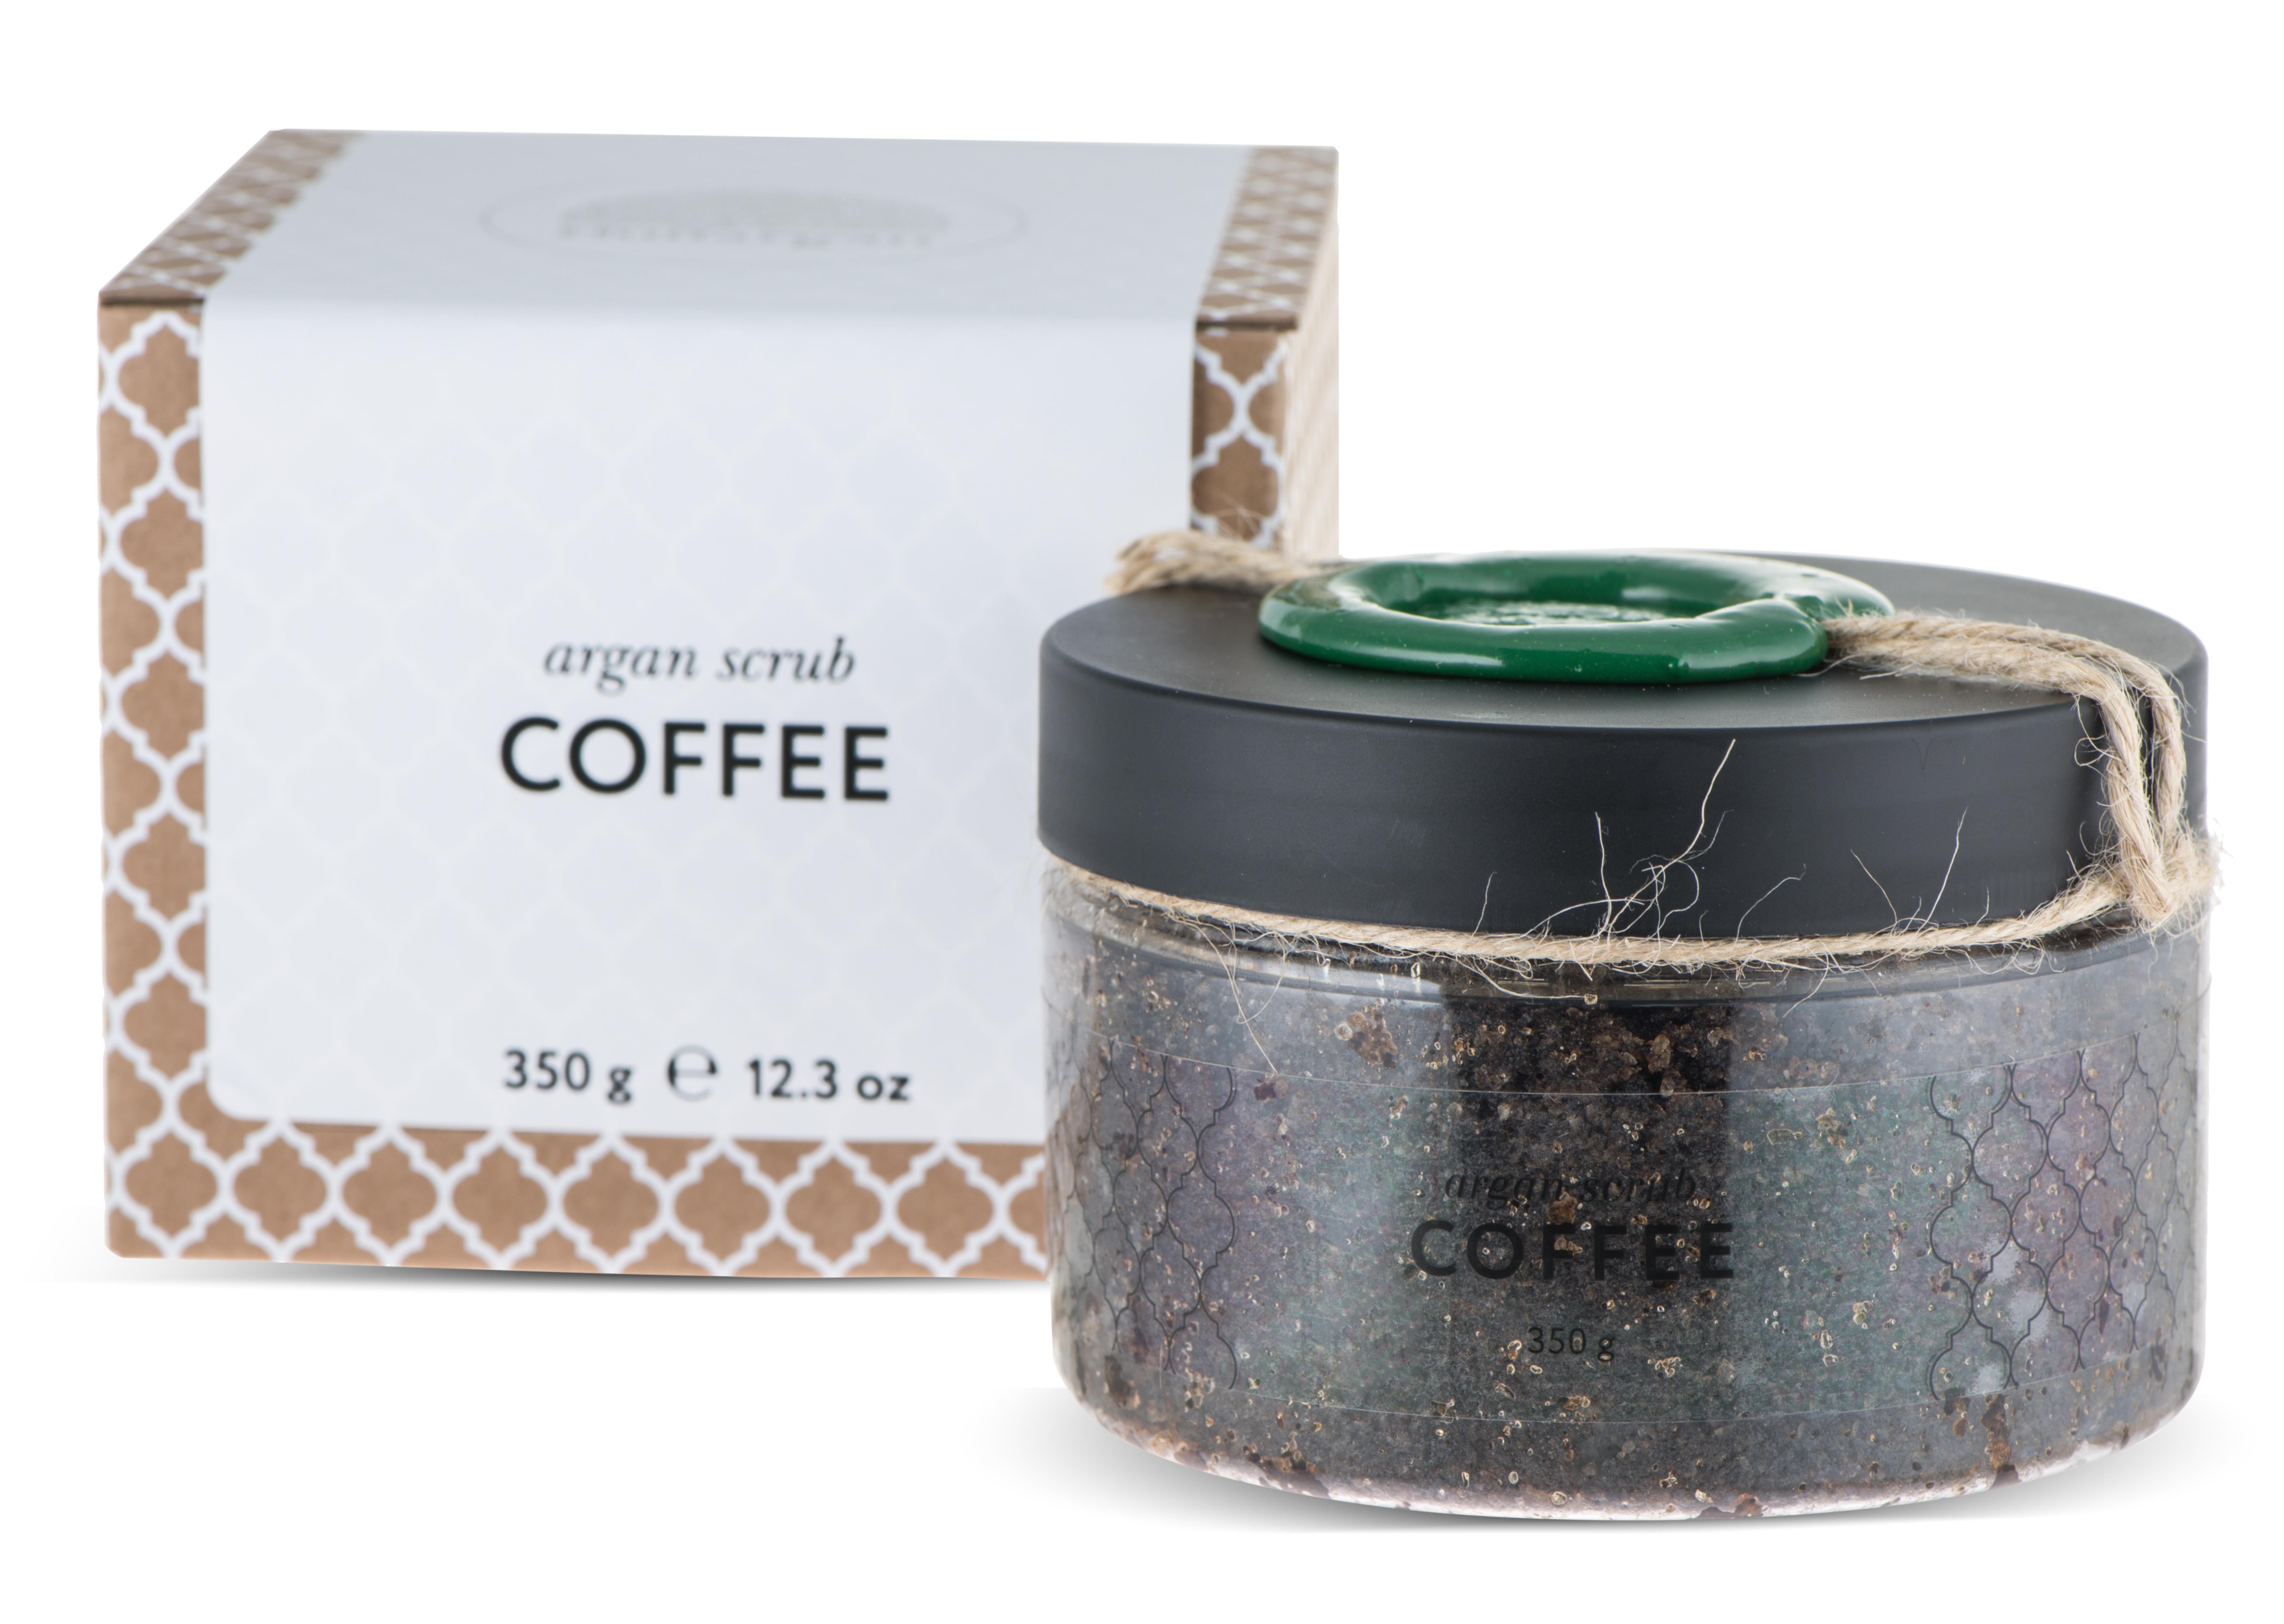 HUILARGAN Скраб аргановый солевой для тела, кофейный 350 г